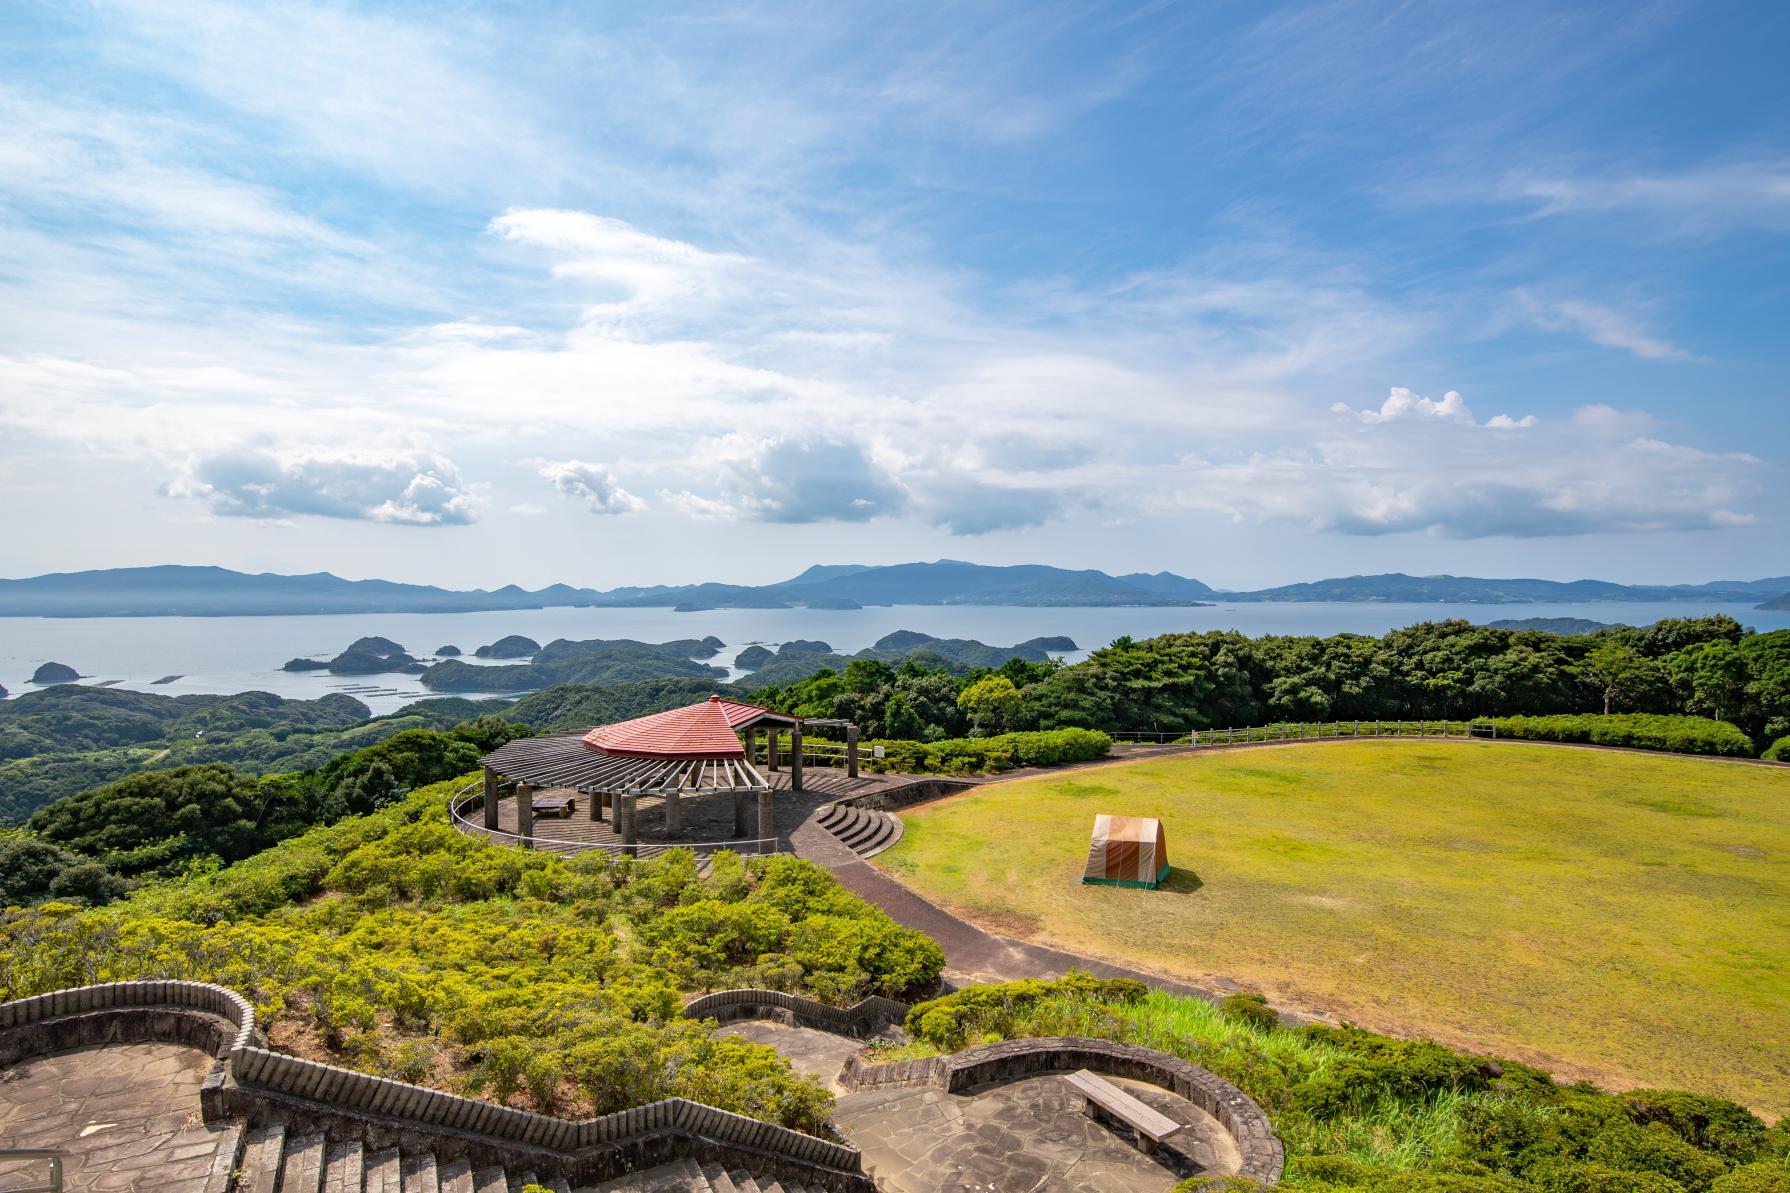 九十九島北部を望む絶景山キャンプ!約10万本のつつじの絨毯広がる「長串山」へ-0